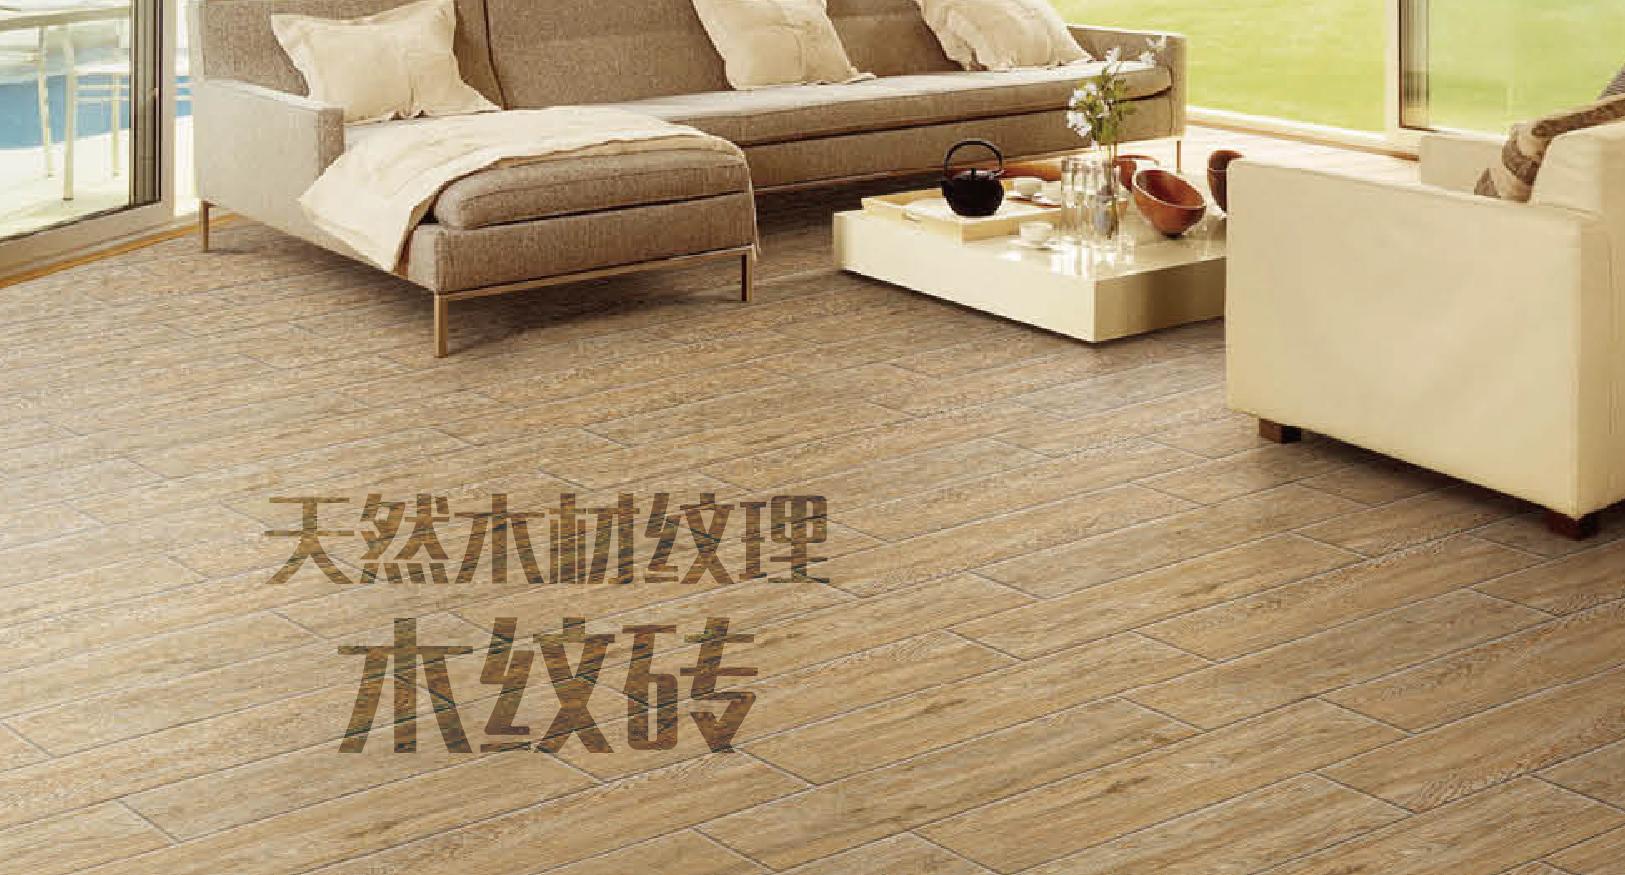 天然木材纹理-木纹砖